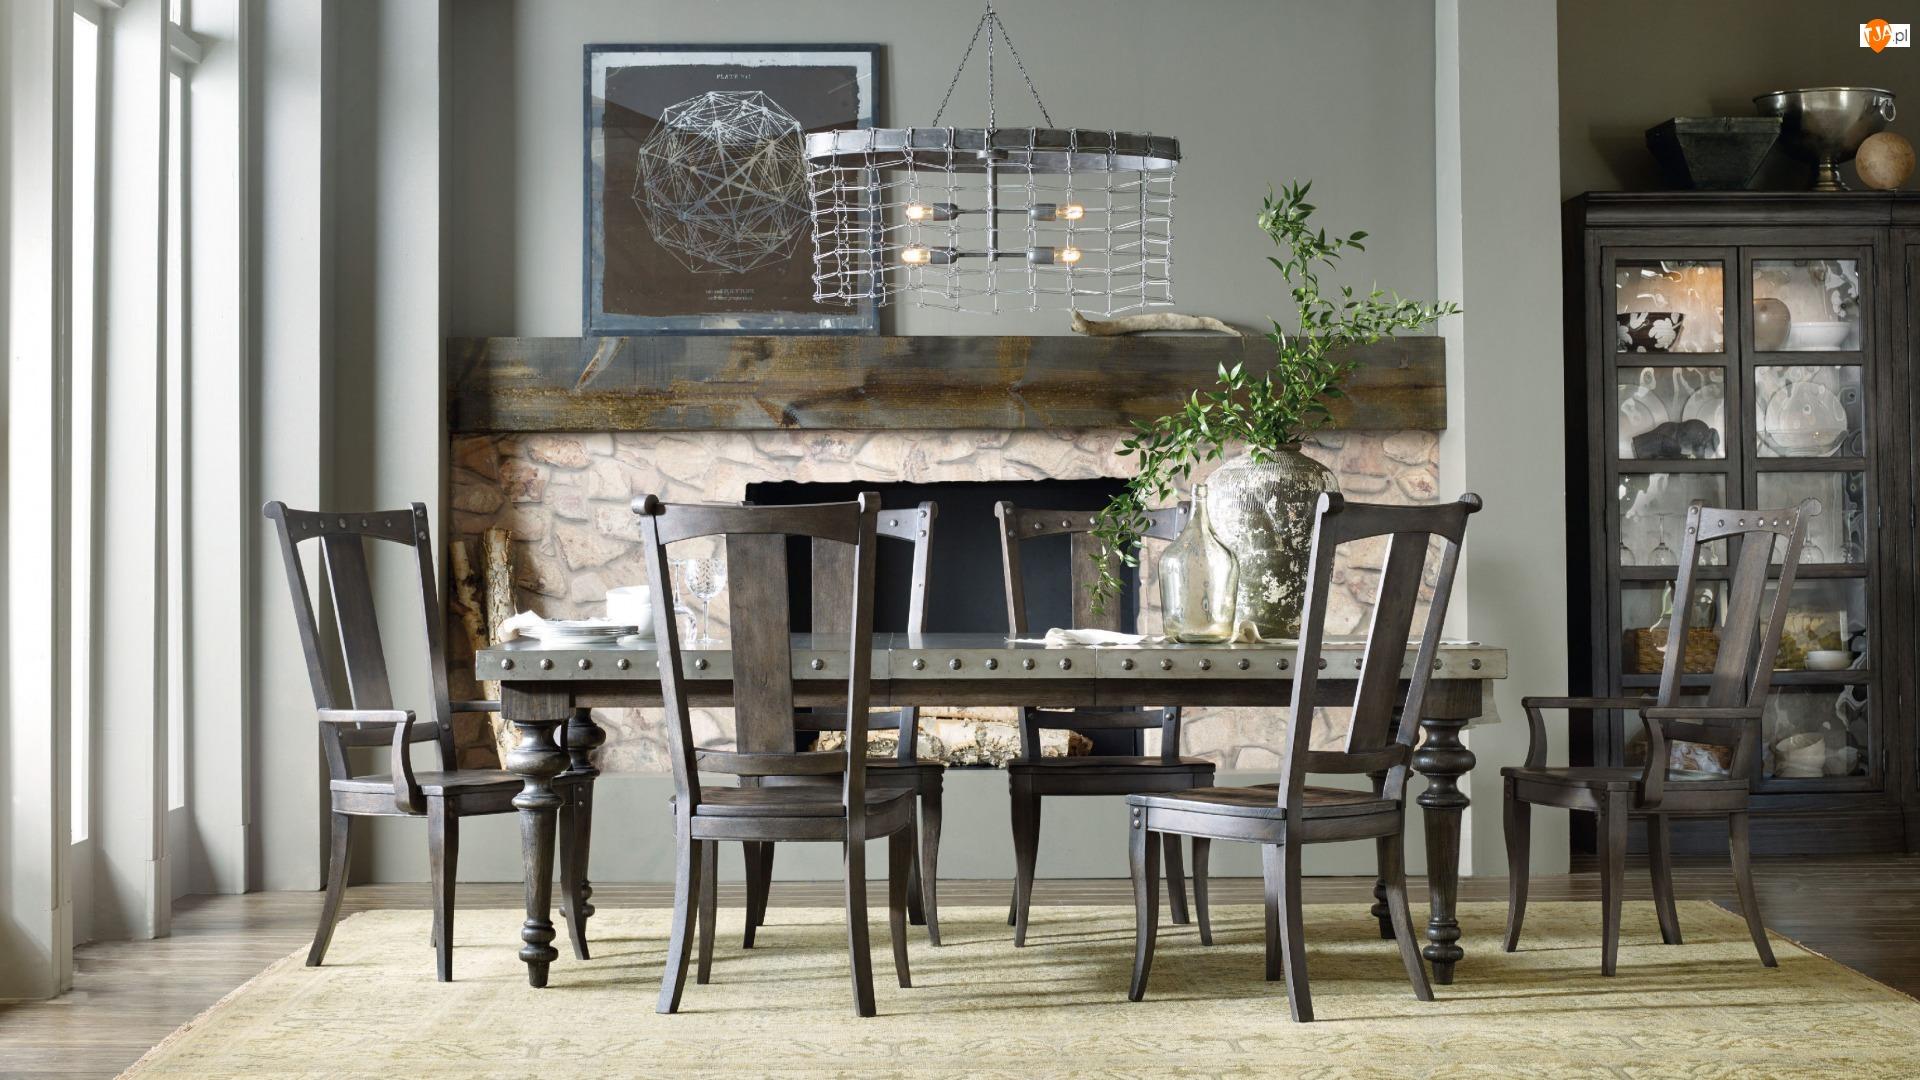 Jadalnia, Kominek, Stół, Krzesła